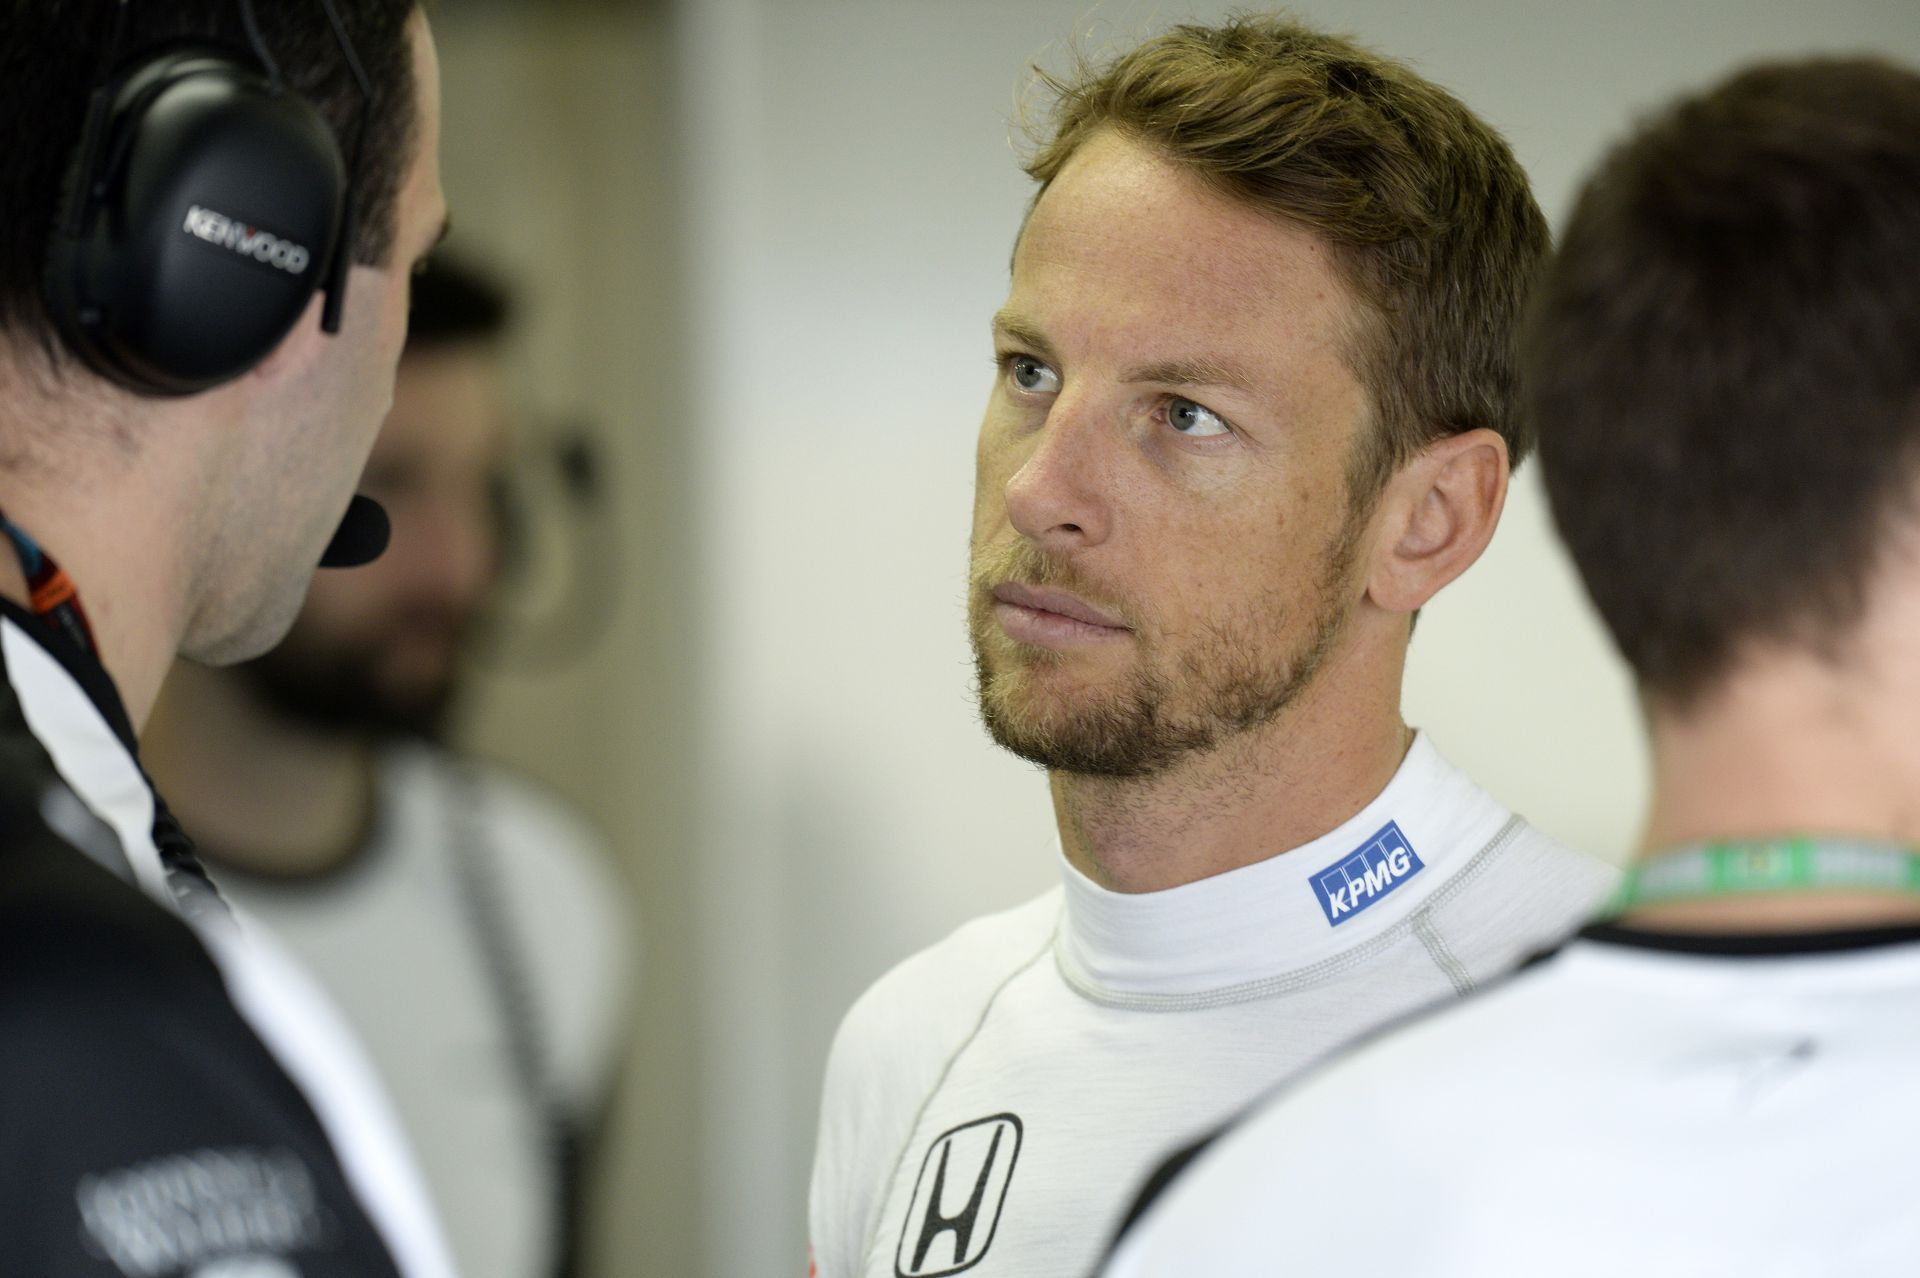 Jenson Button a 2005-ös és 2006-os Forma-1-et szerette a legjobban! Ma már nem olyan...